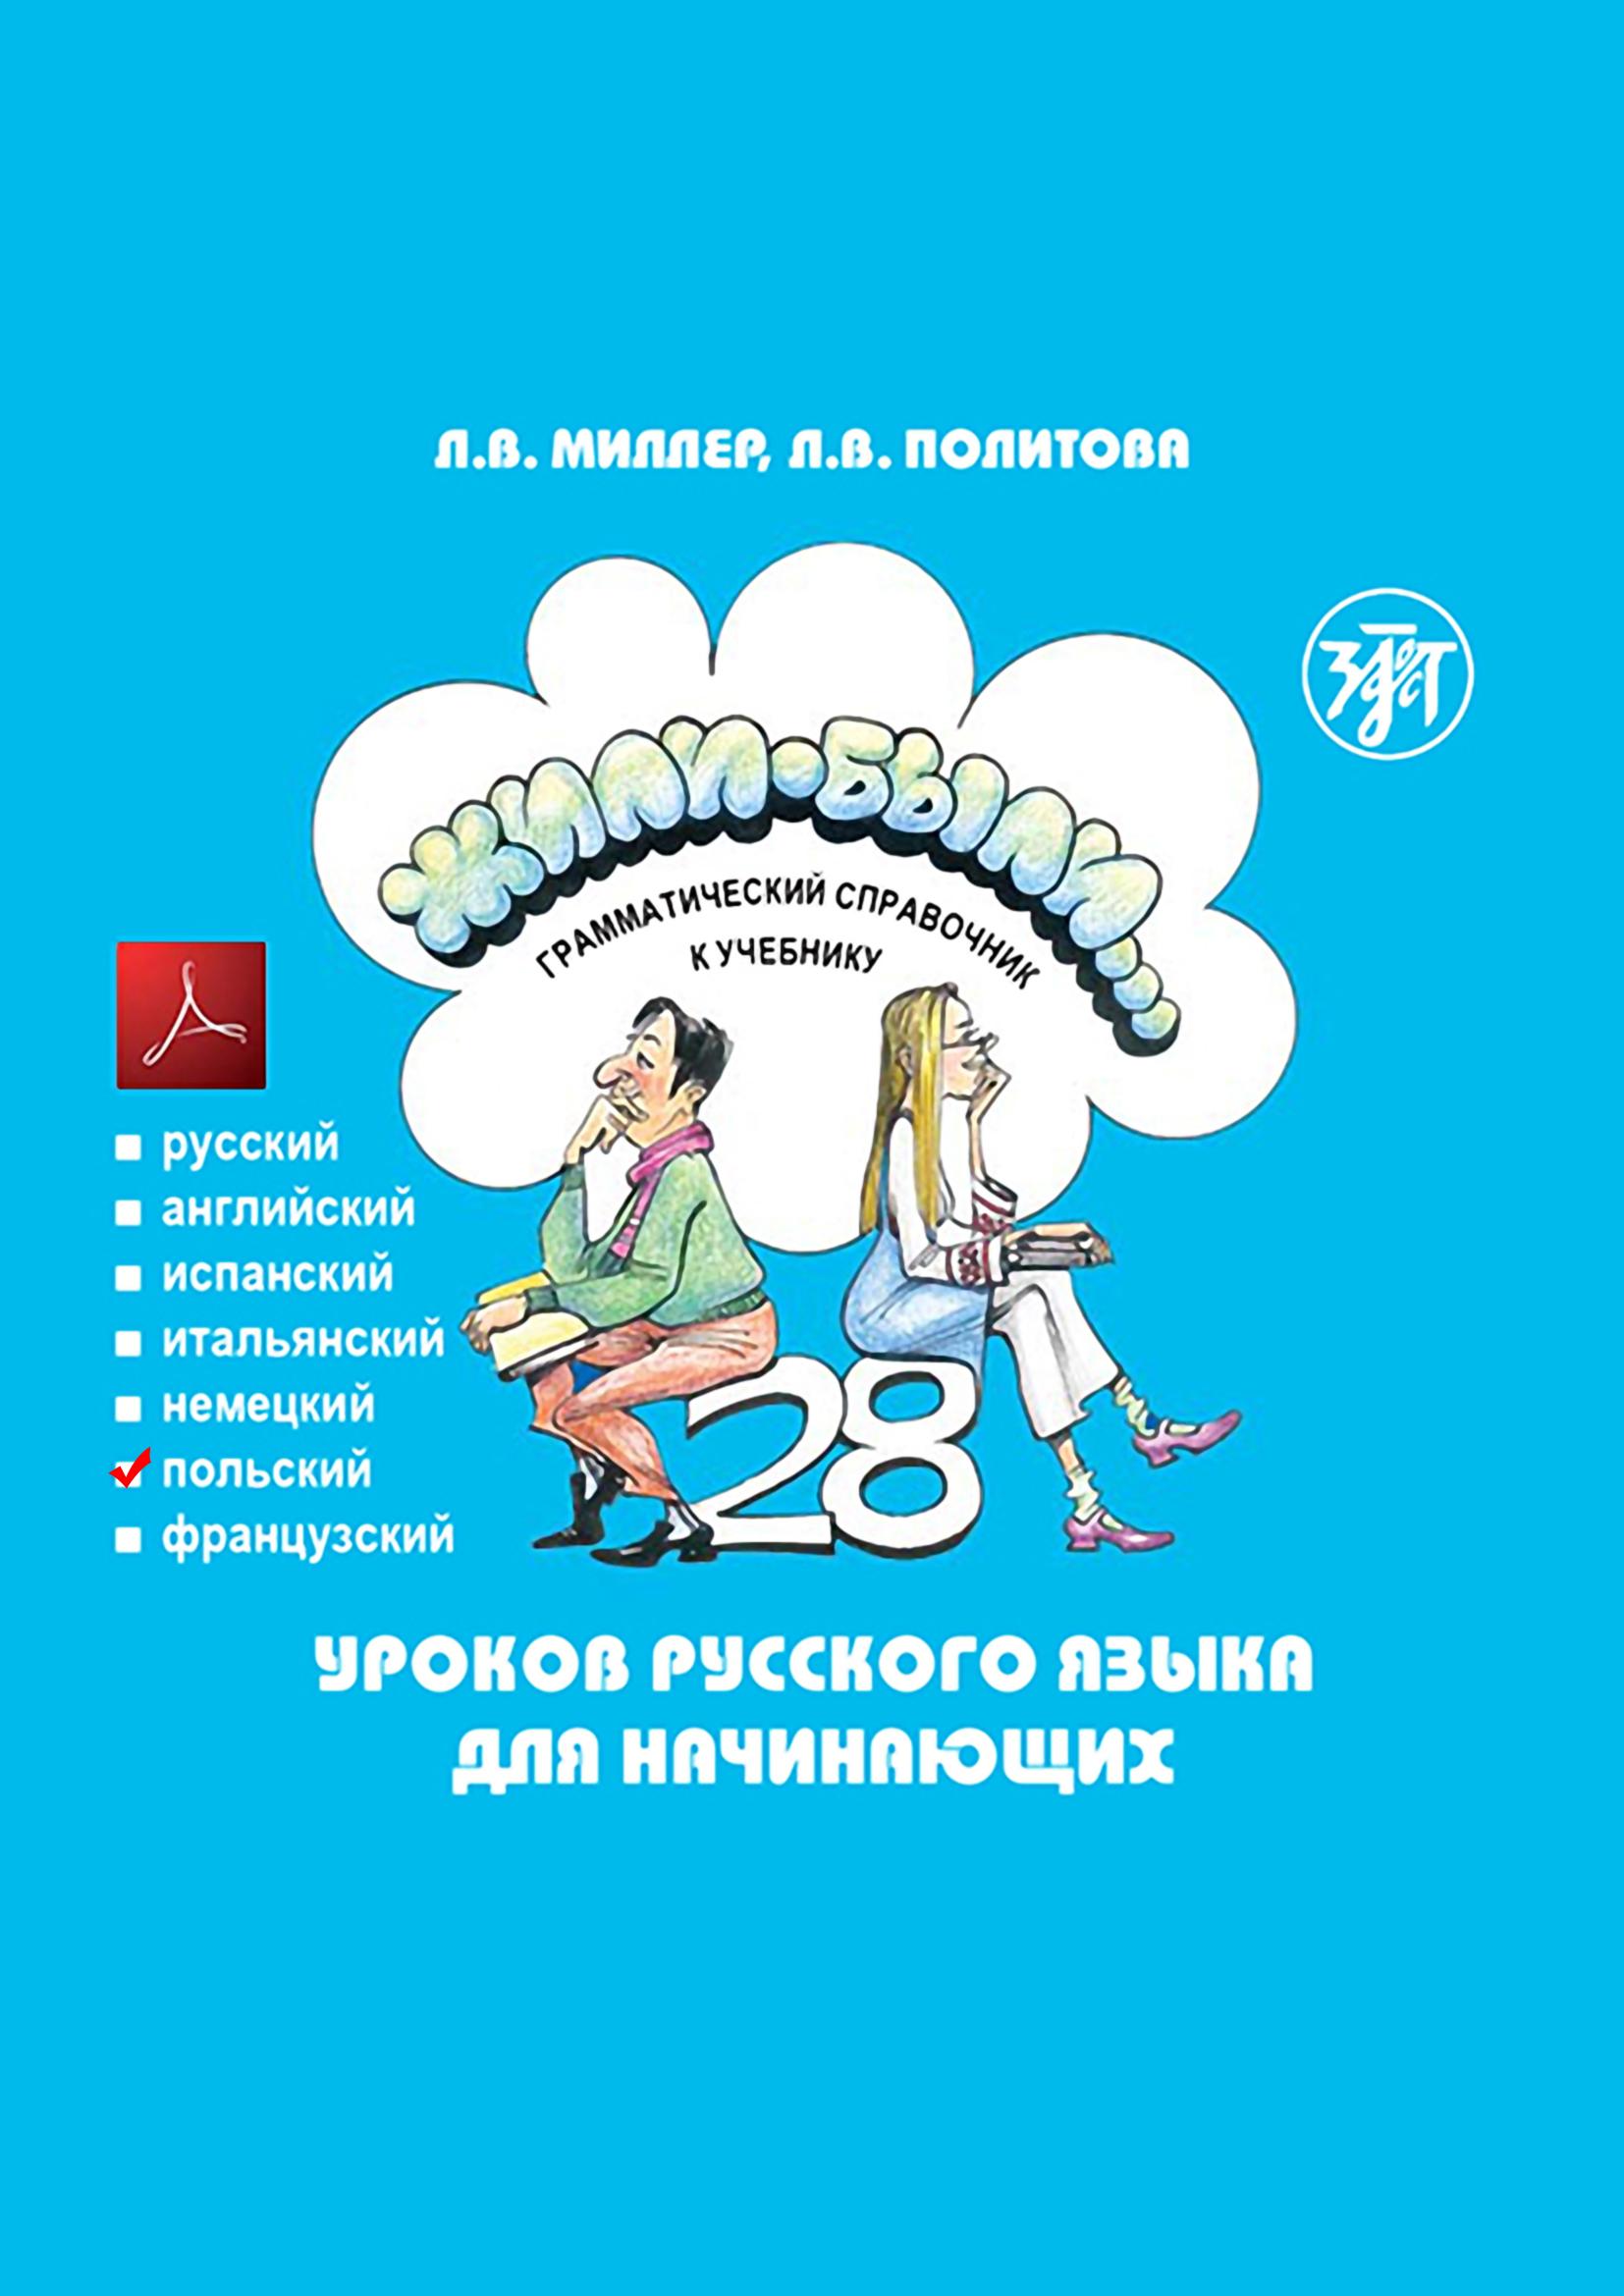 Л. В. Политова Жили-были… 28 уроков русского языка для начинающих. Грамматический справочник к учебнику. Польская версия цены онлайн